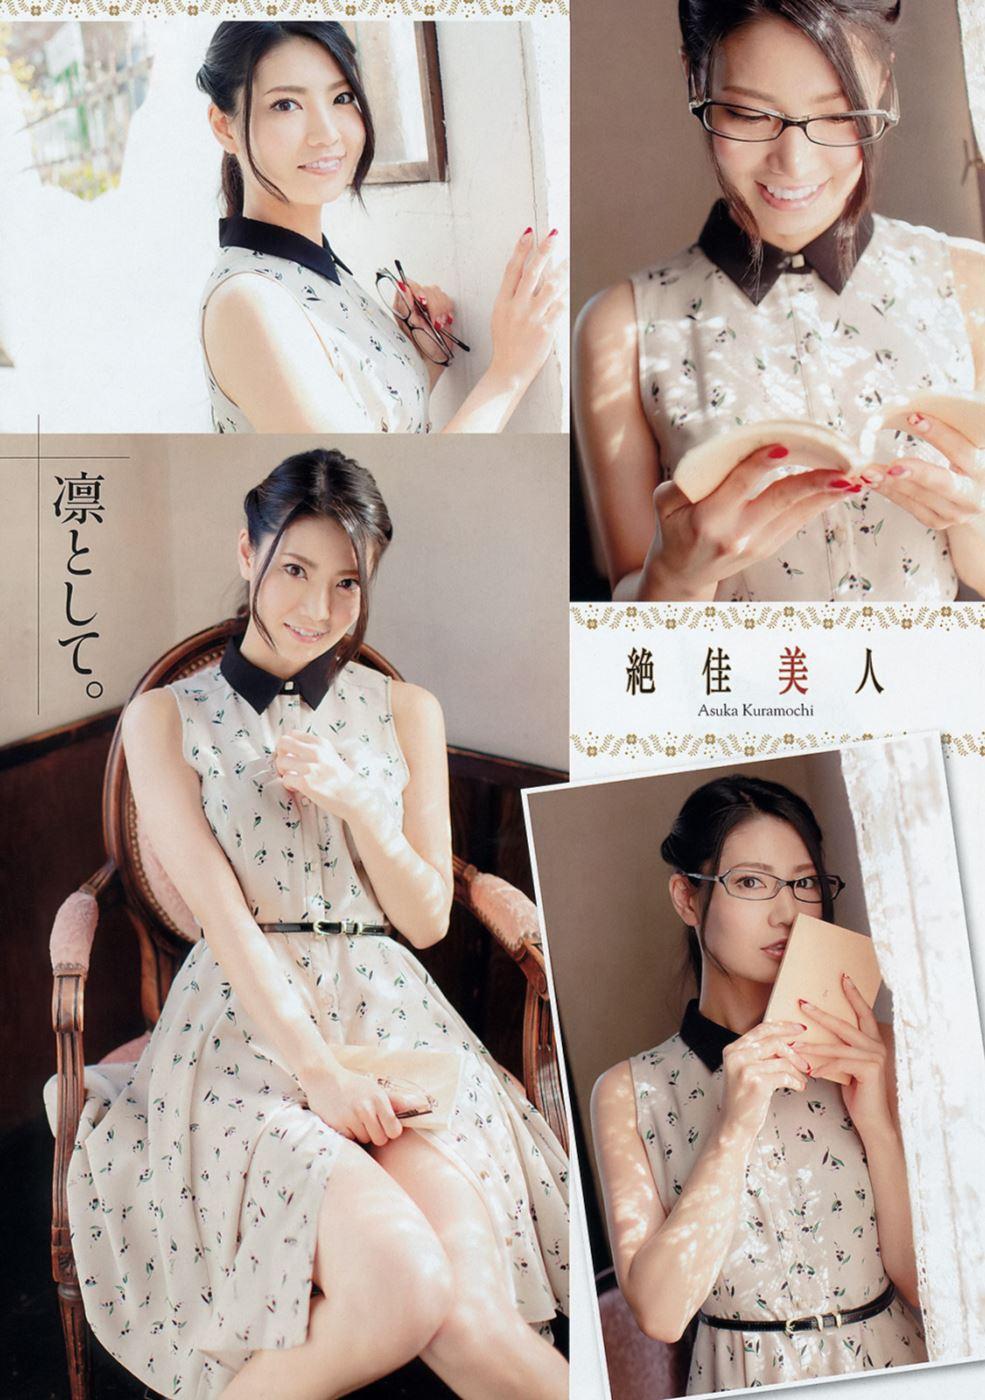 AKBを卒業した倉持明日香と高城亜樹の水着画像 38